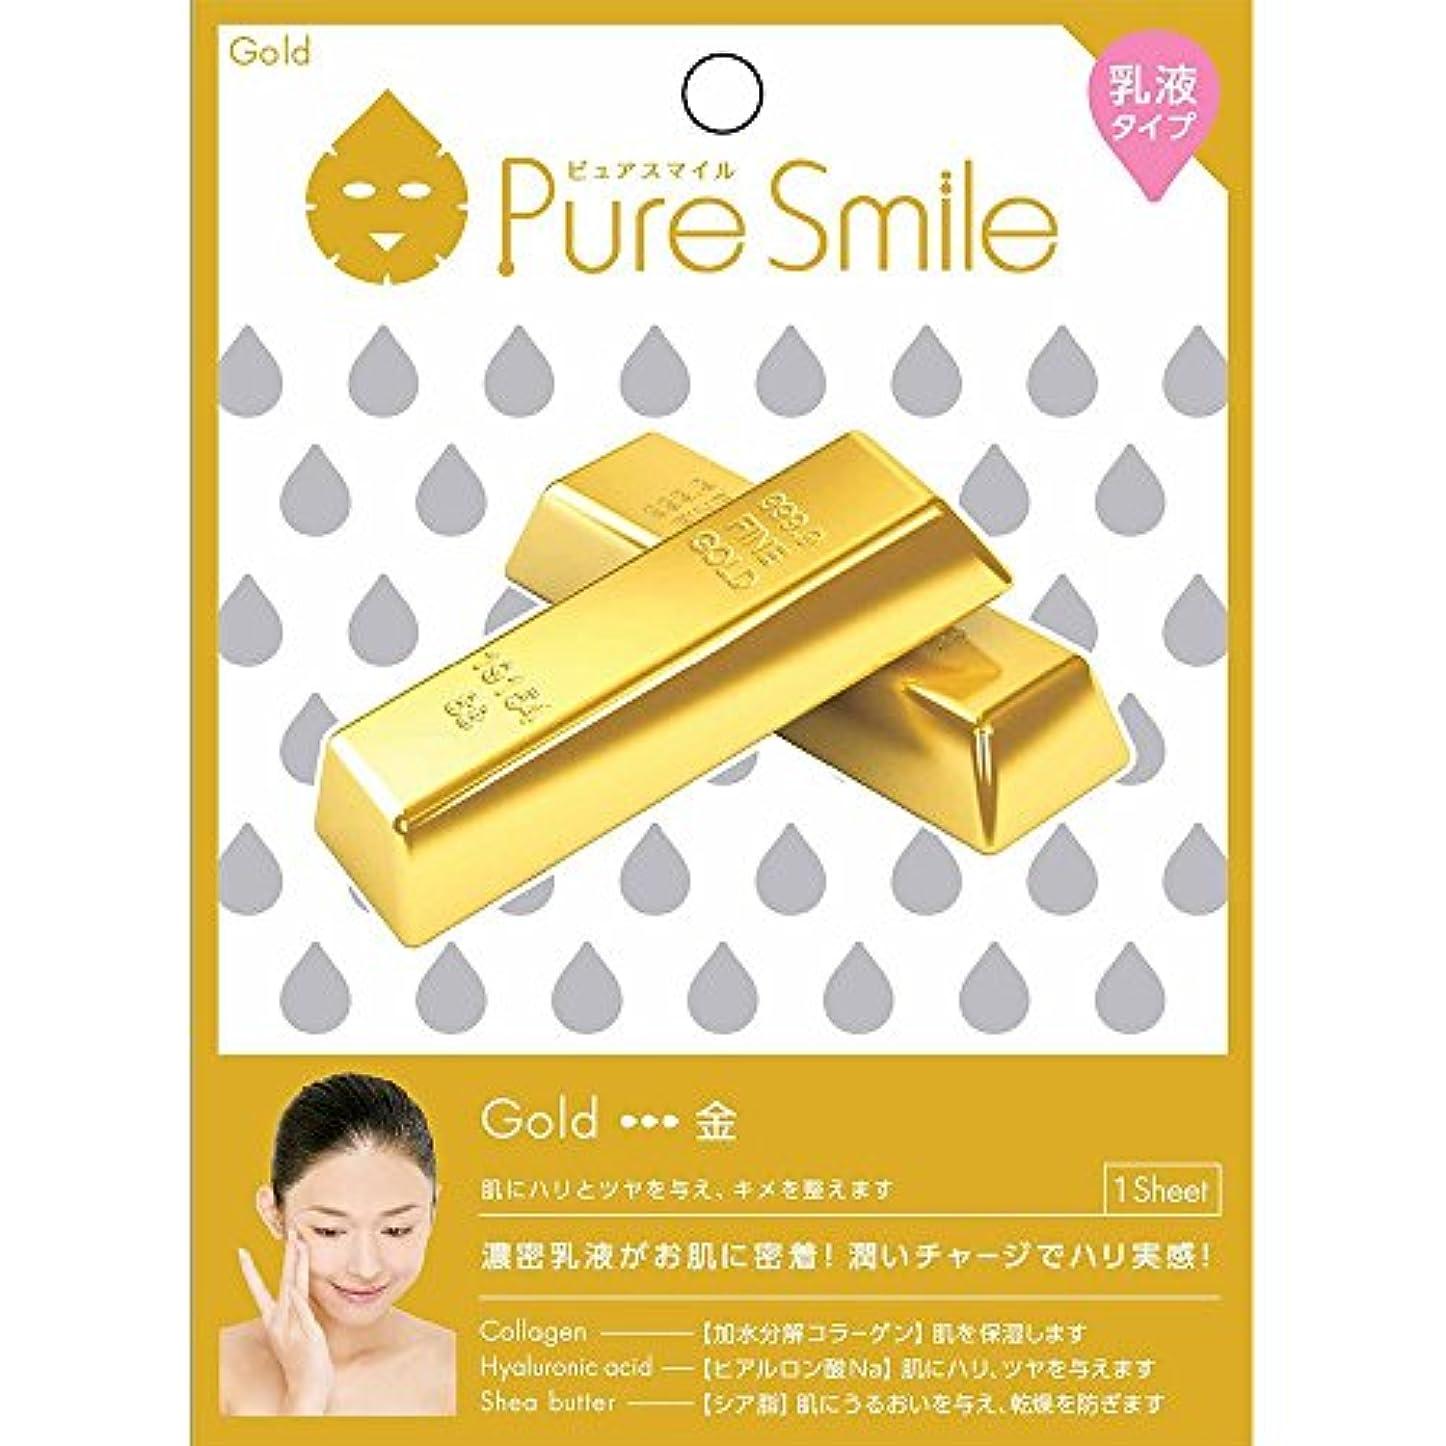 延期する狂乱異議Pure Smile(ピュアスマイル) 乳液エッセンスマスク 1 枚 金